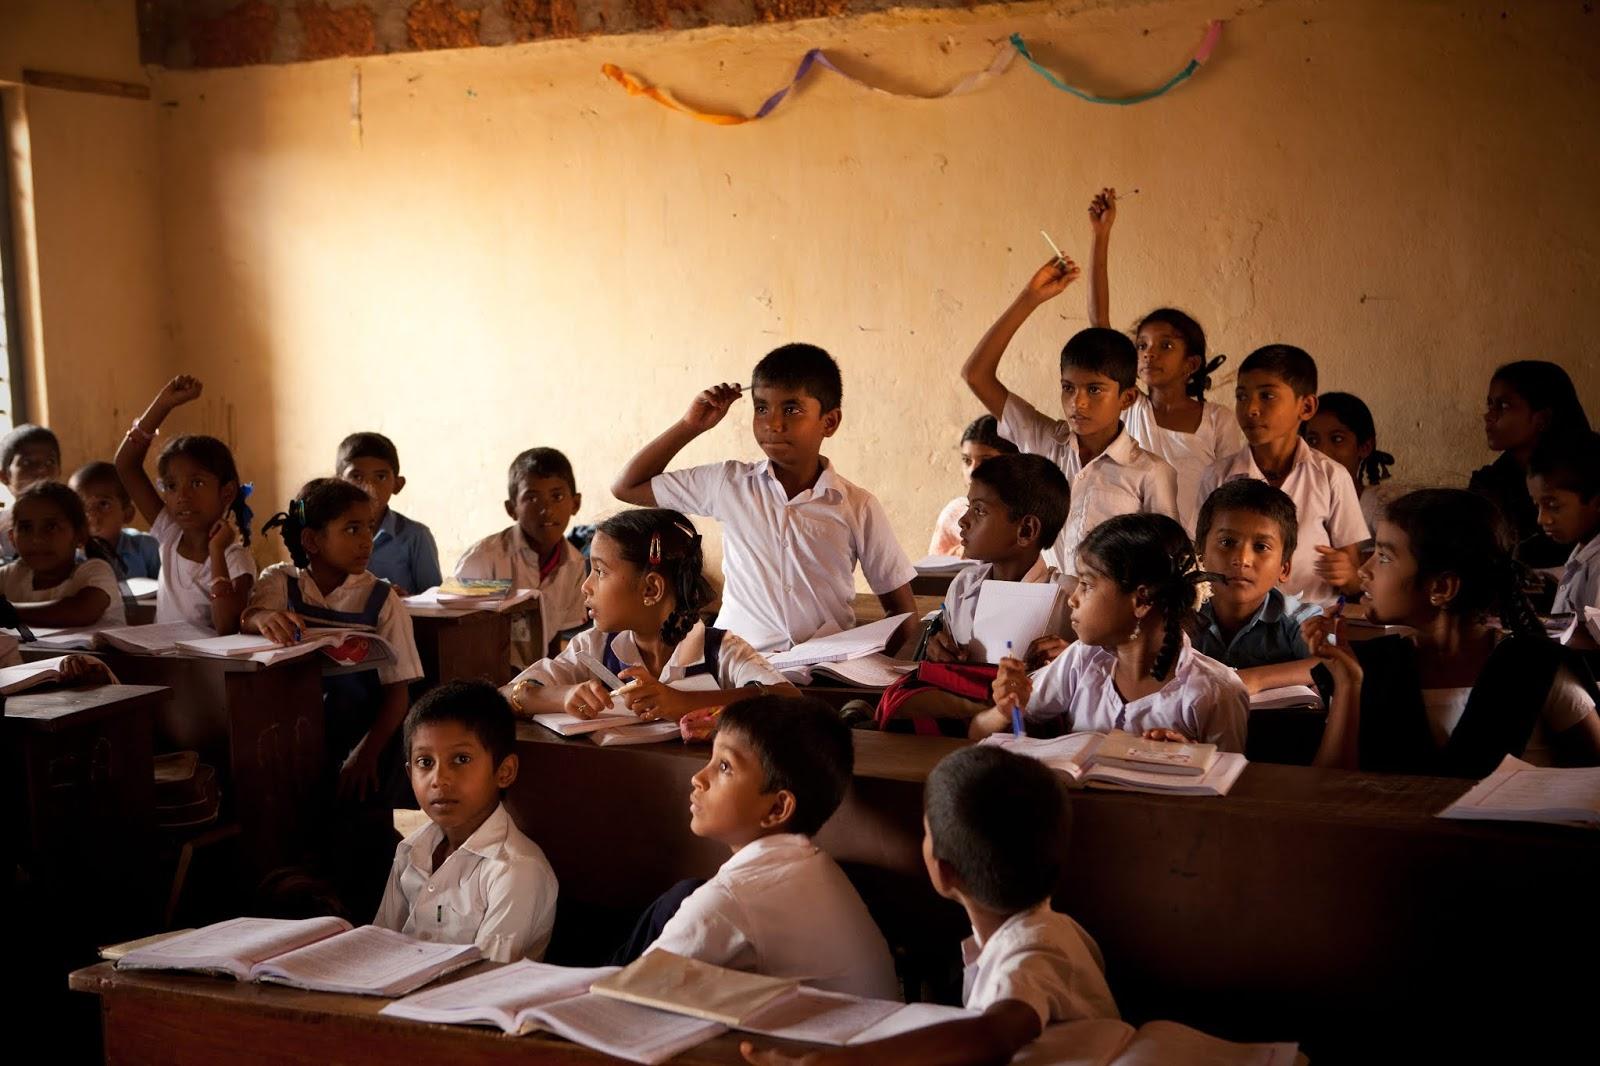 Catatan Guru Tentang Kompetisi Pada Pendidikan